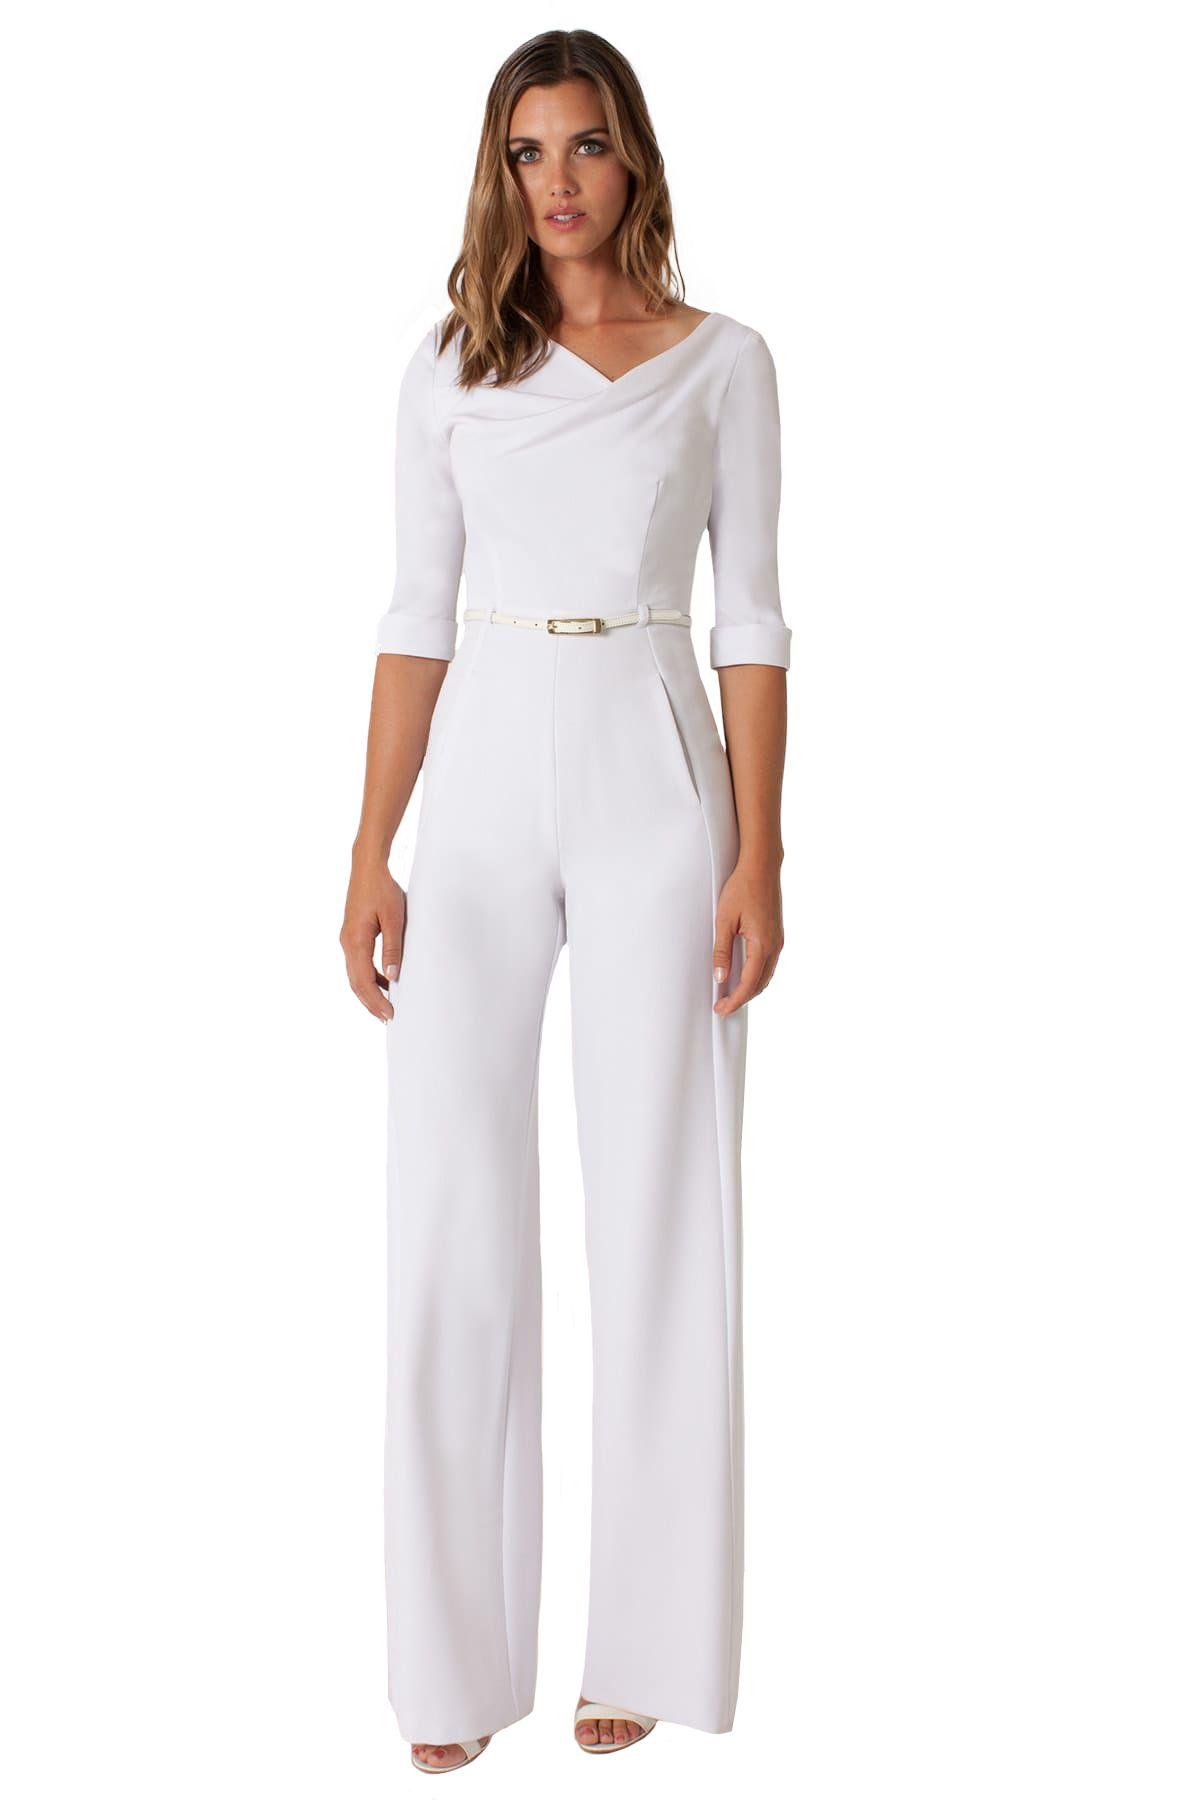 93998934bb18 Black Halo 3 4 sleeve Jackie jumpsuit - white wedding jumpsuit ...